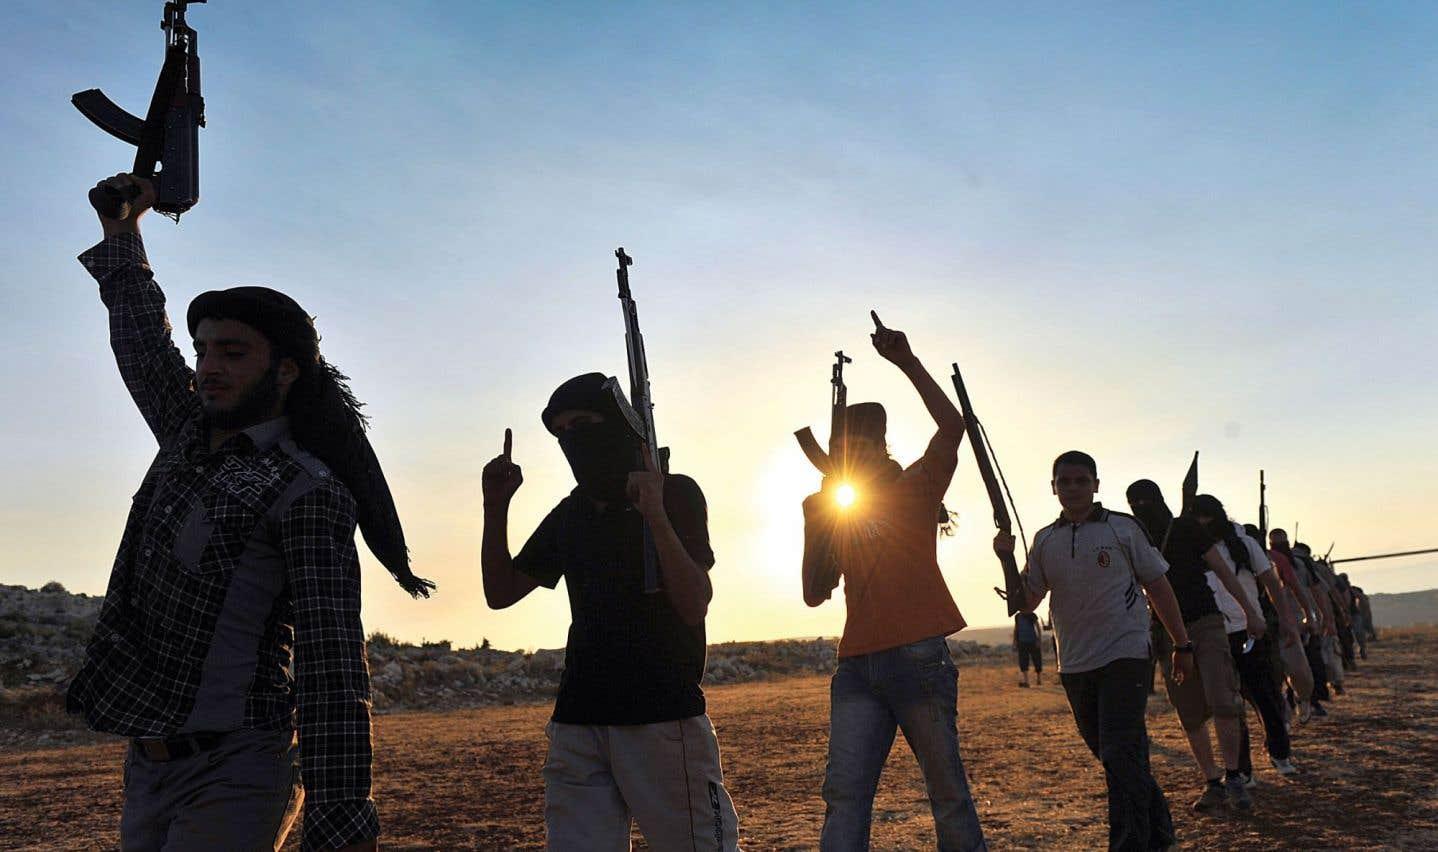 Selon l'historien et politologue Enzo Traverso, l'islamo-fascisme est moins une radicalisation de l'islam qu'une islamisation d'une radicalité aveugle et violente.